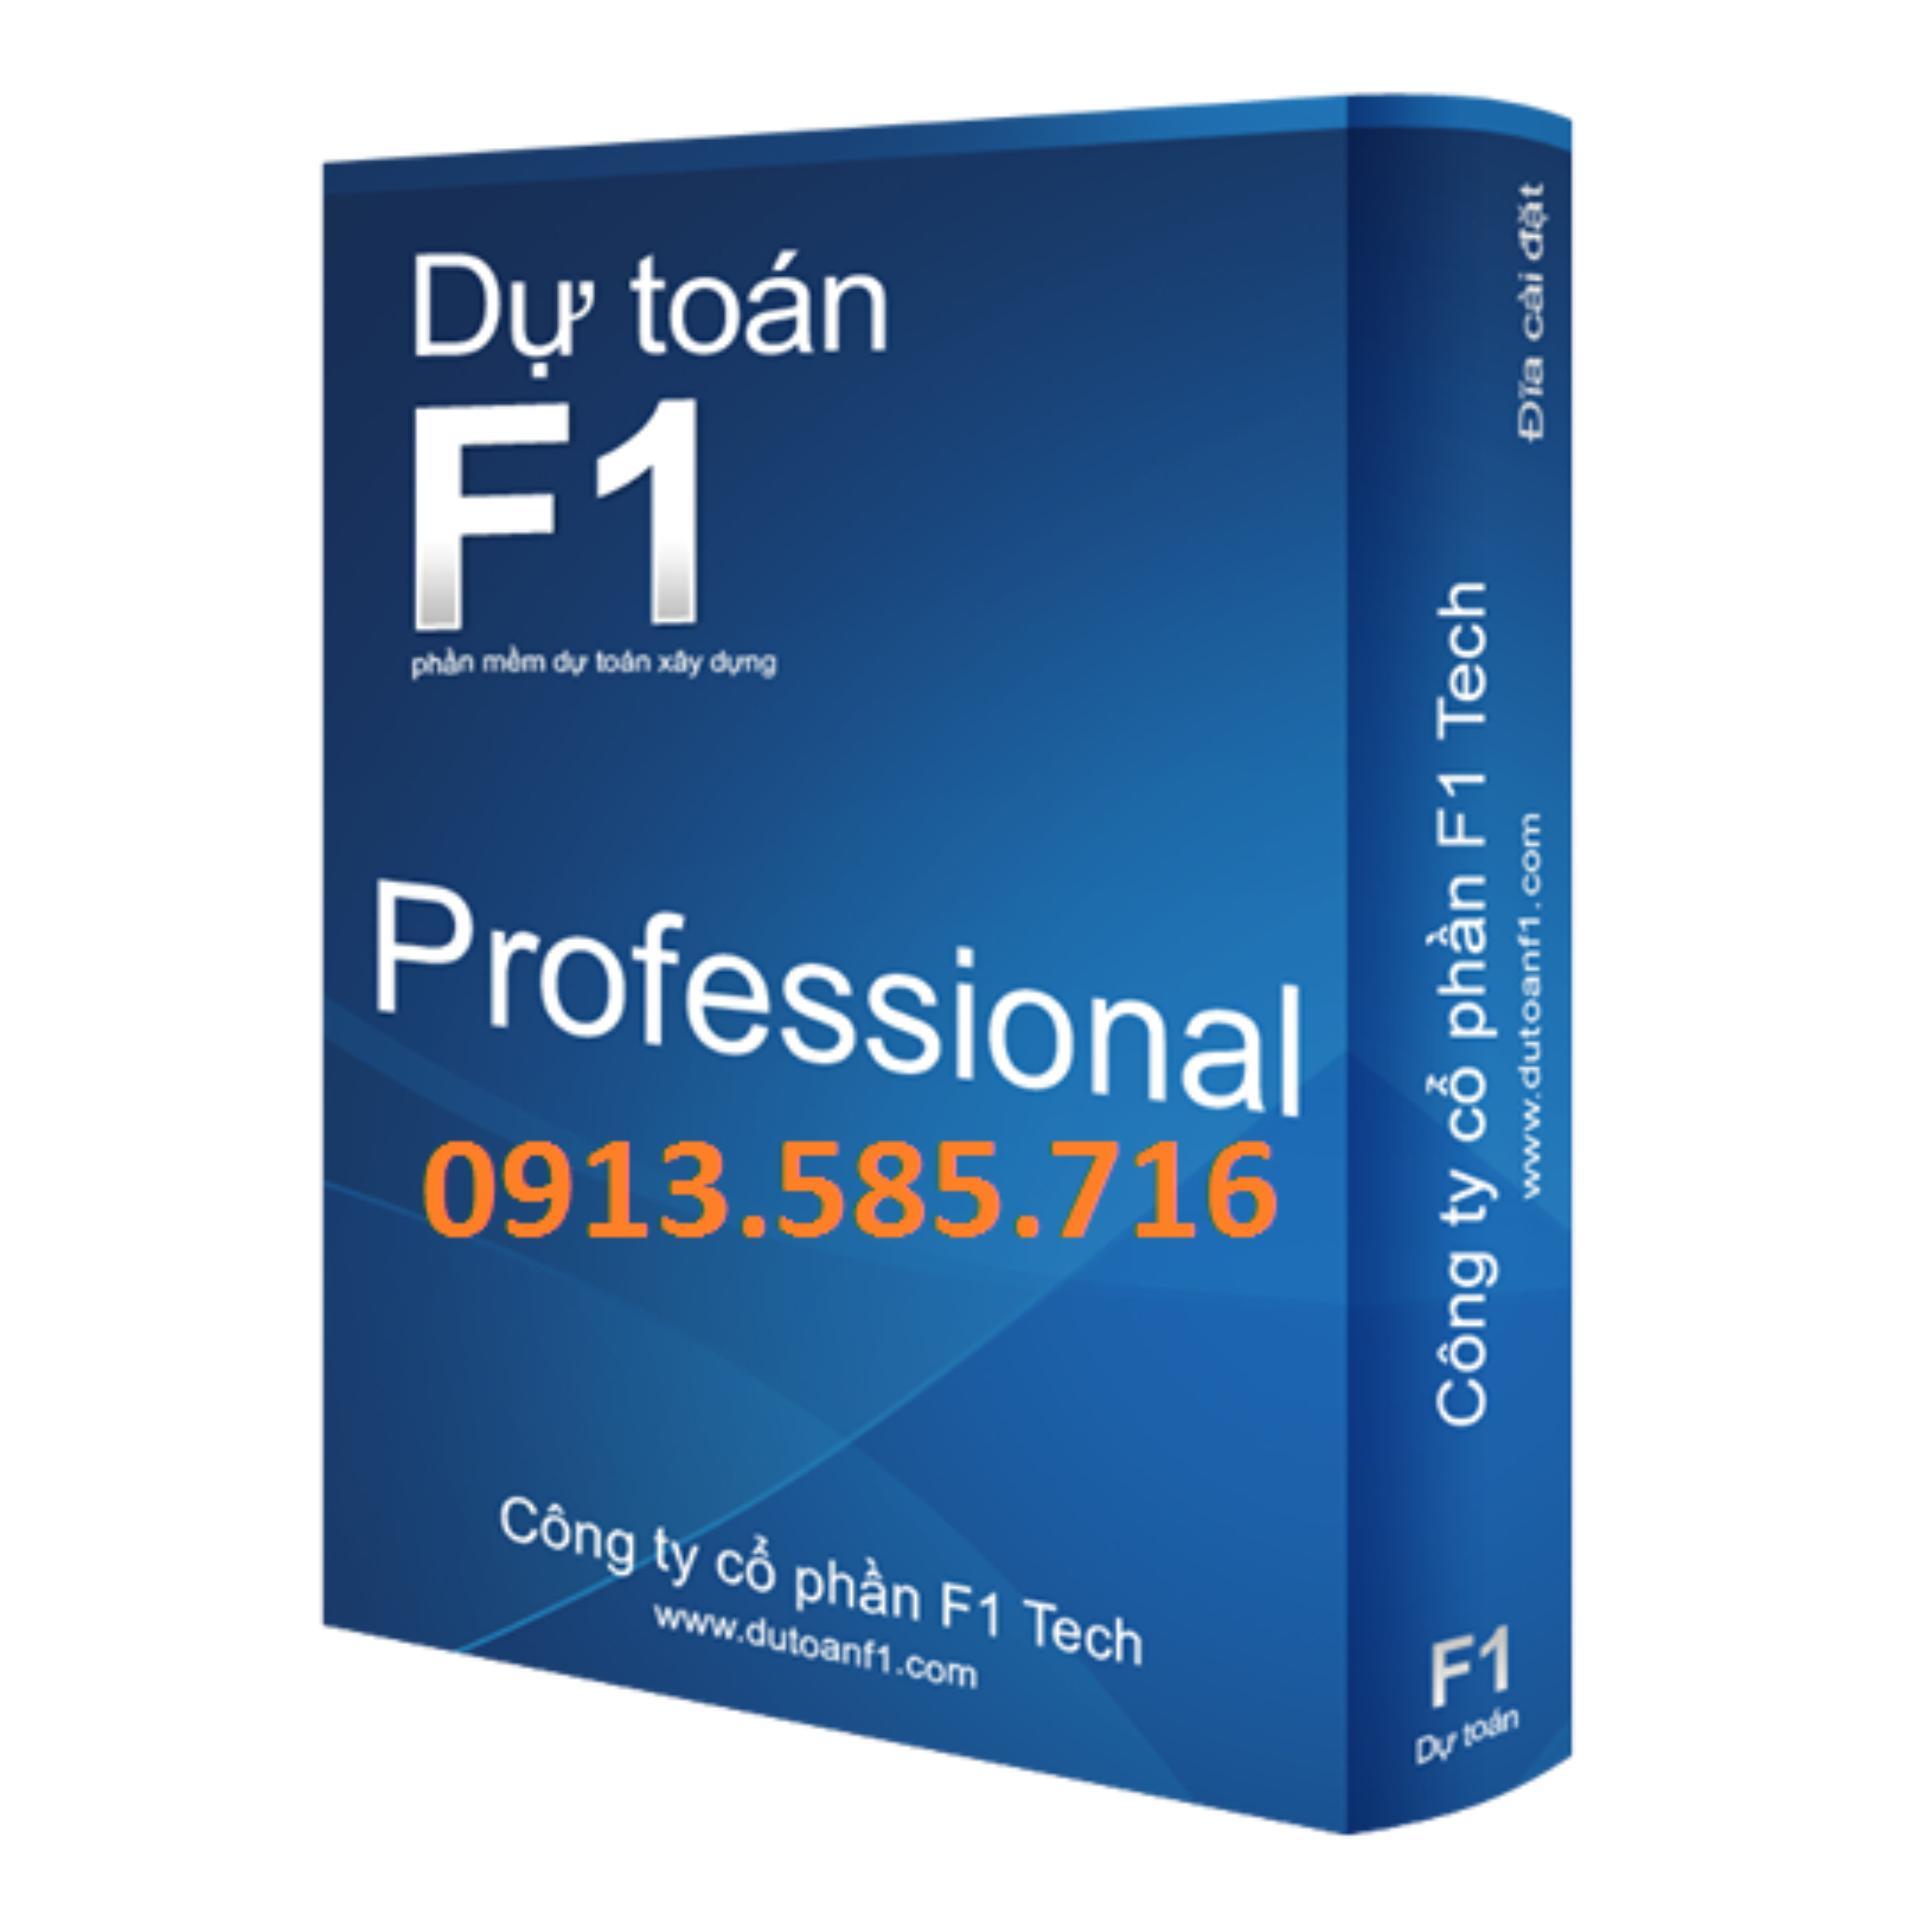 Dự toán F1-Profesional - Chuyên nghiệp